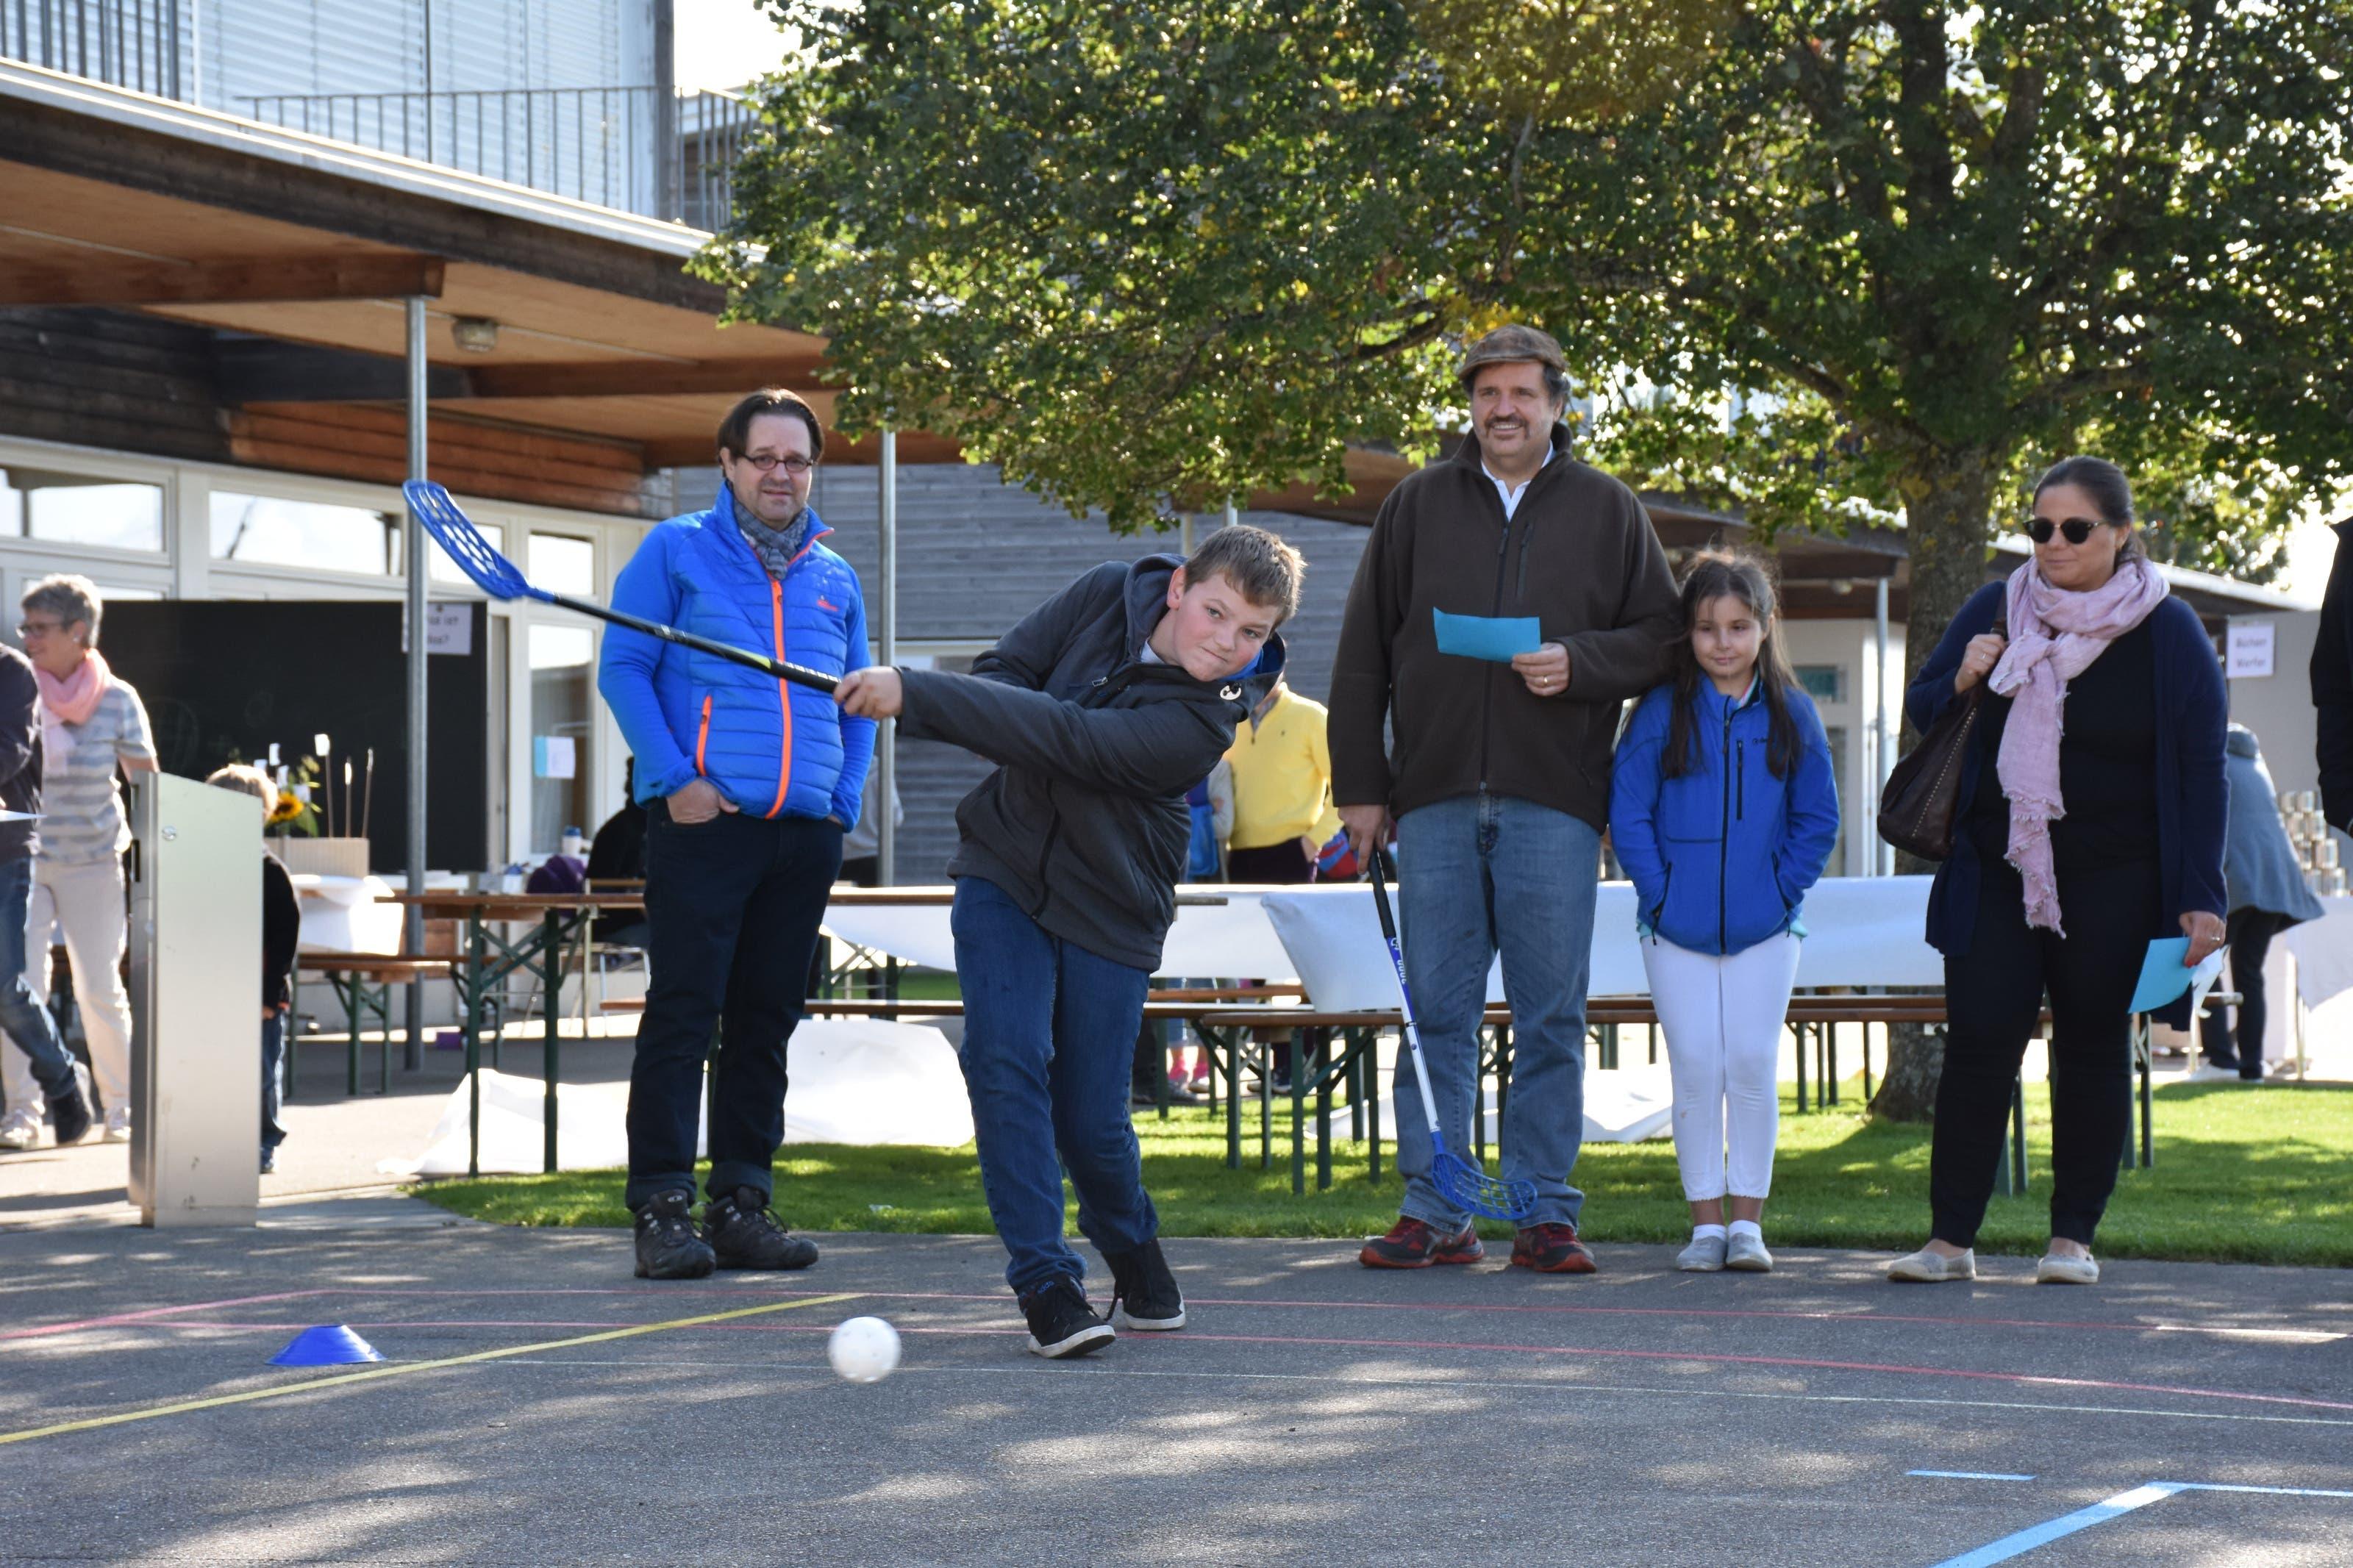 Am Jugendfest wurden neue Golftalente entdeckt.